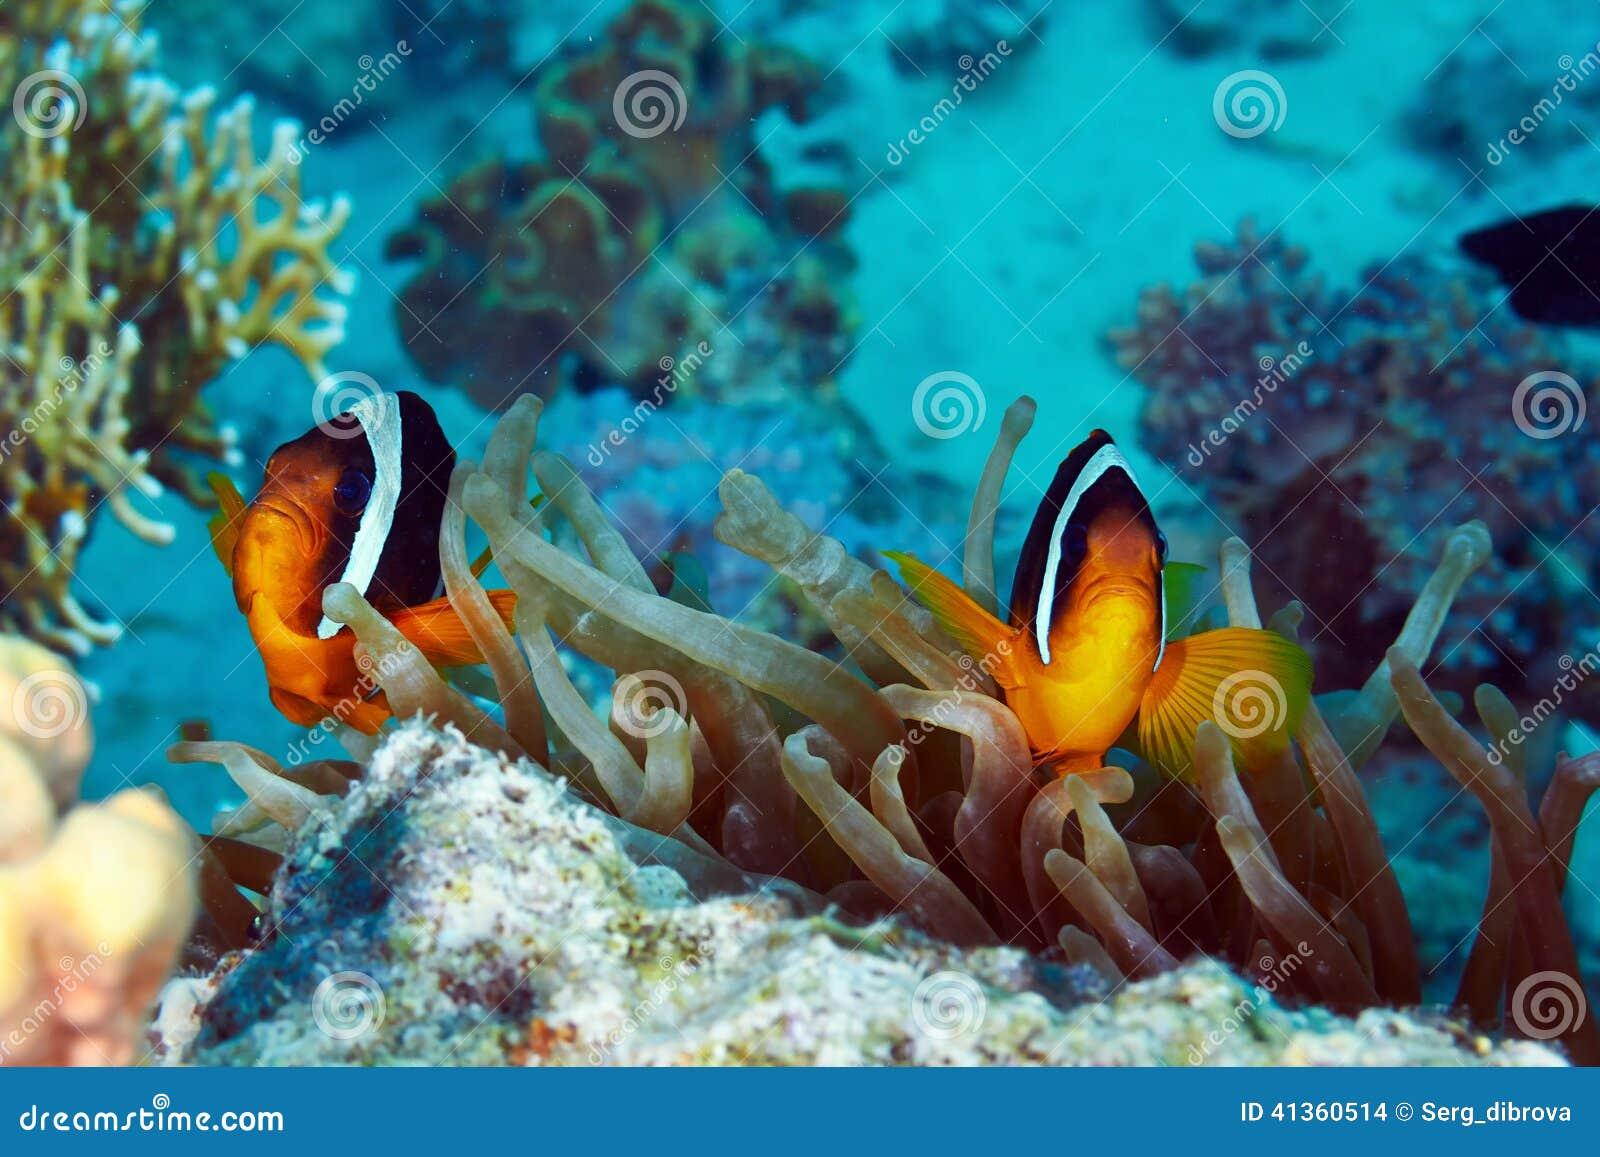 Clownfishes Stock Photo - Image: 41360514